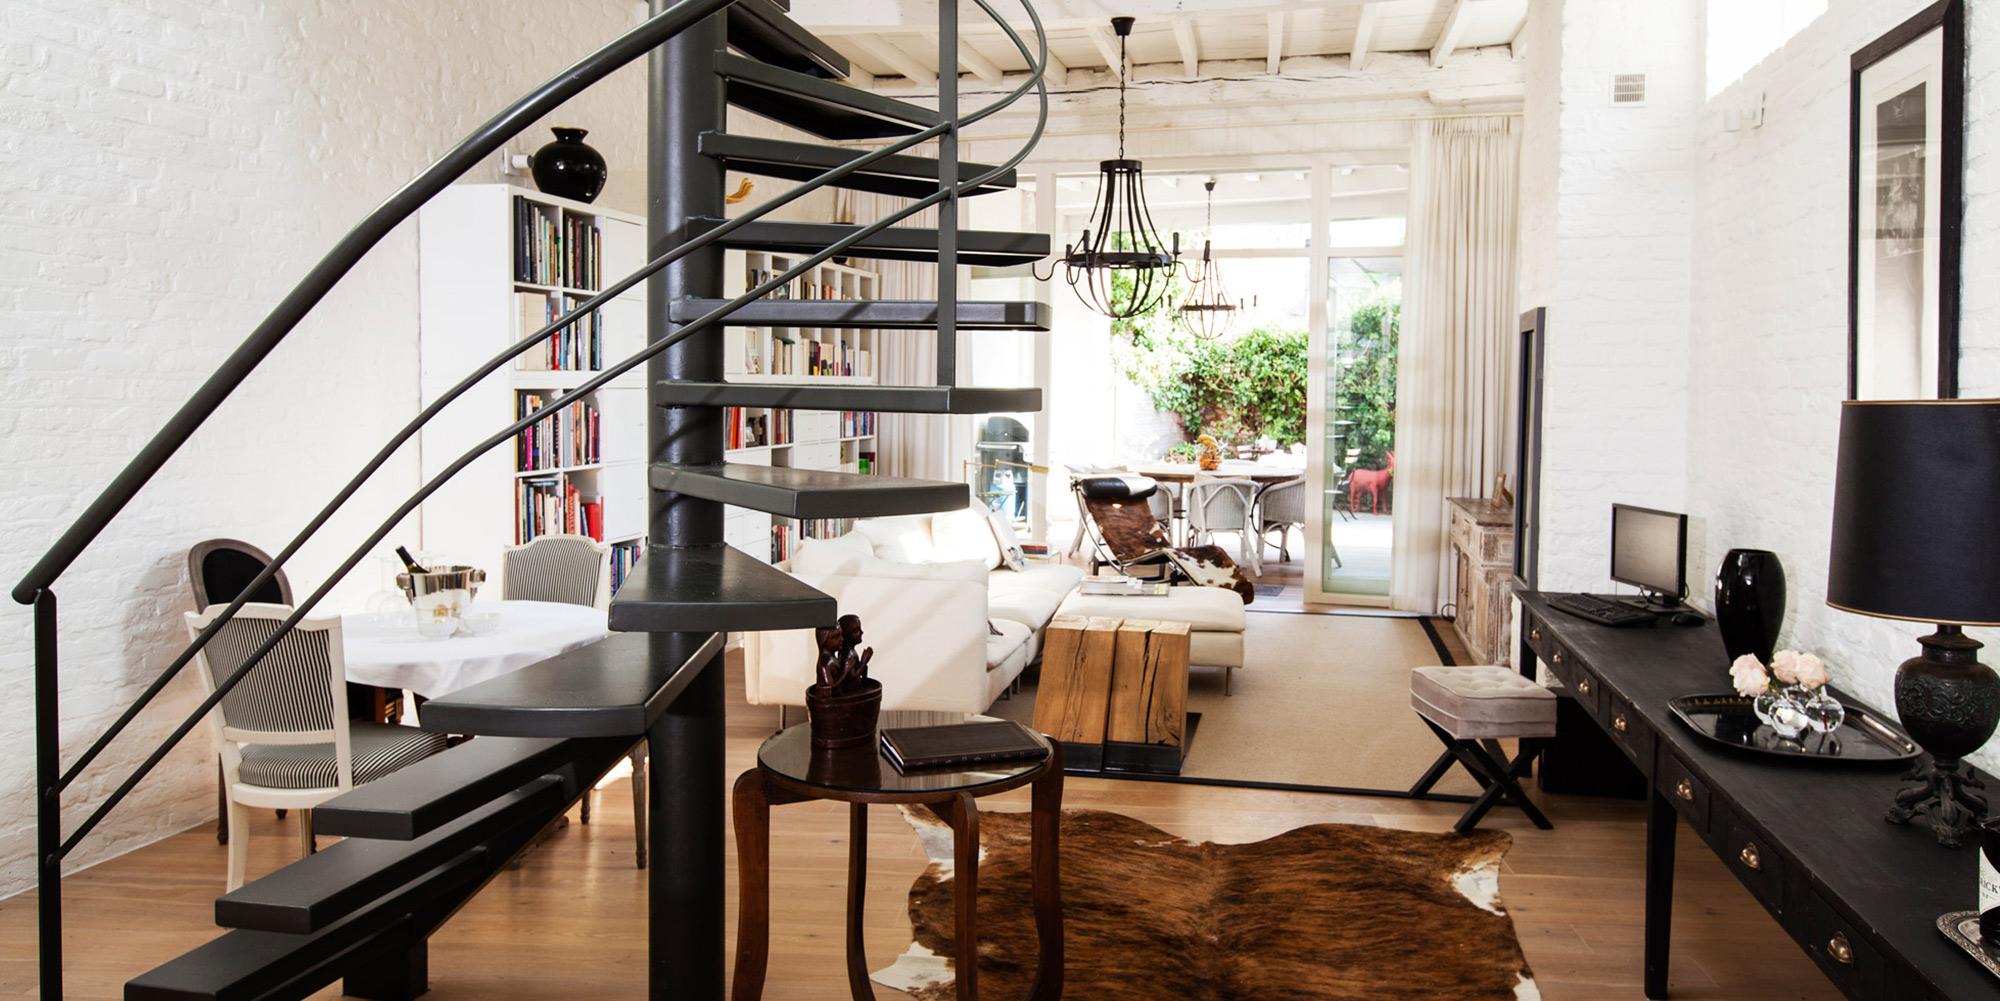 Bij bed and breakfast Maison Amodio kan je stjilvol, luxueus en romantisch overnachten bij gastheren Geert en Henri.